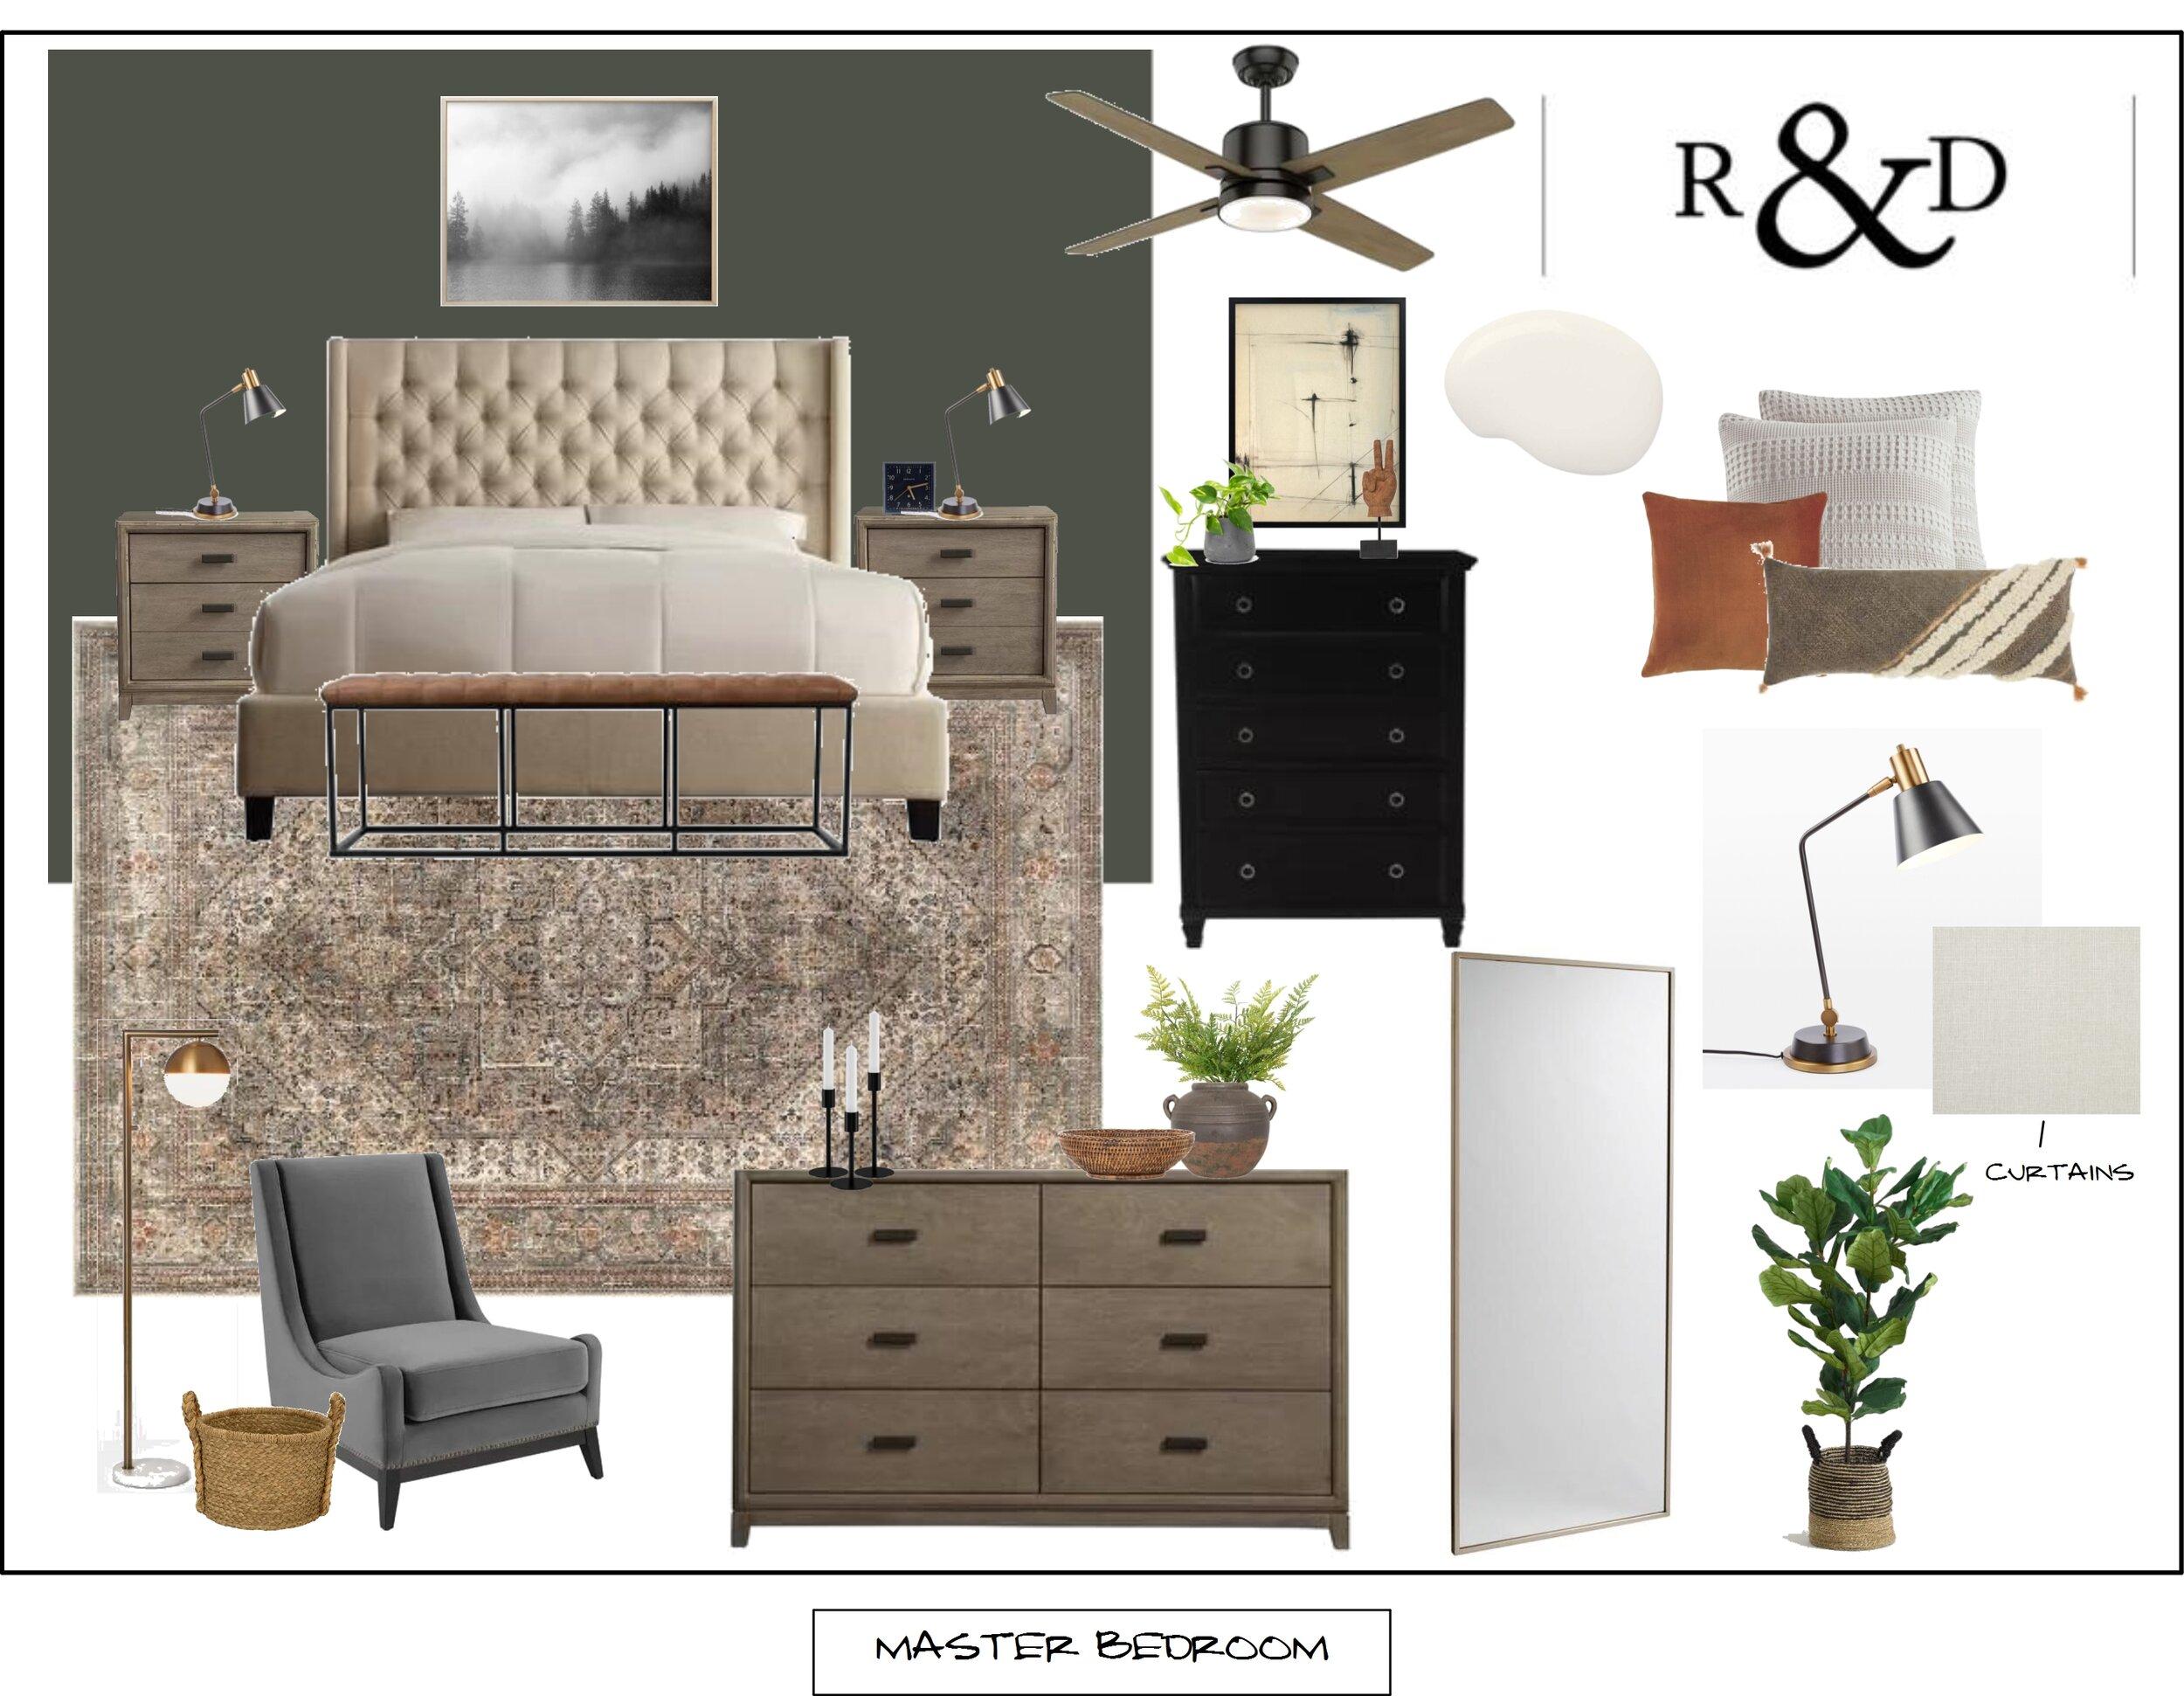 master bedroom ORC.jpg